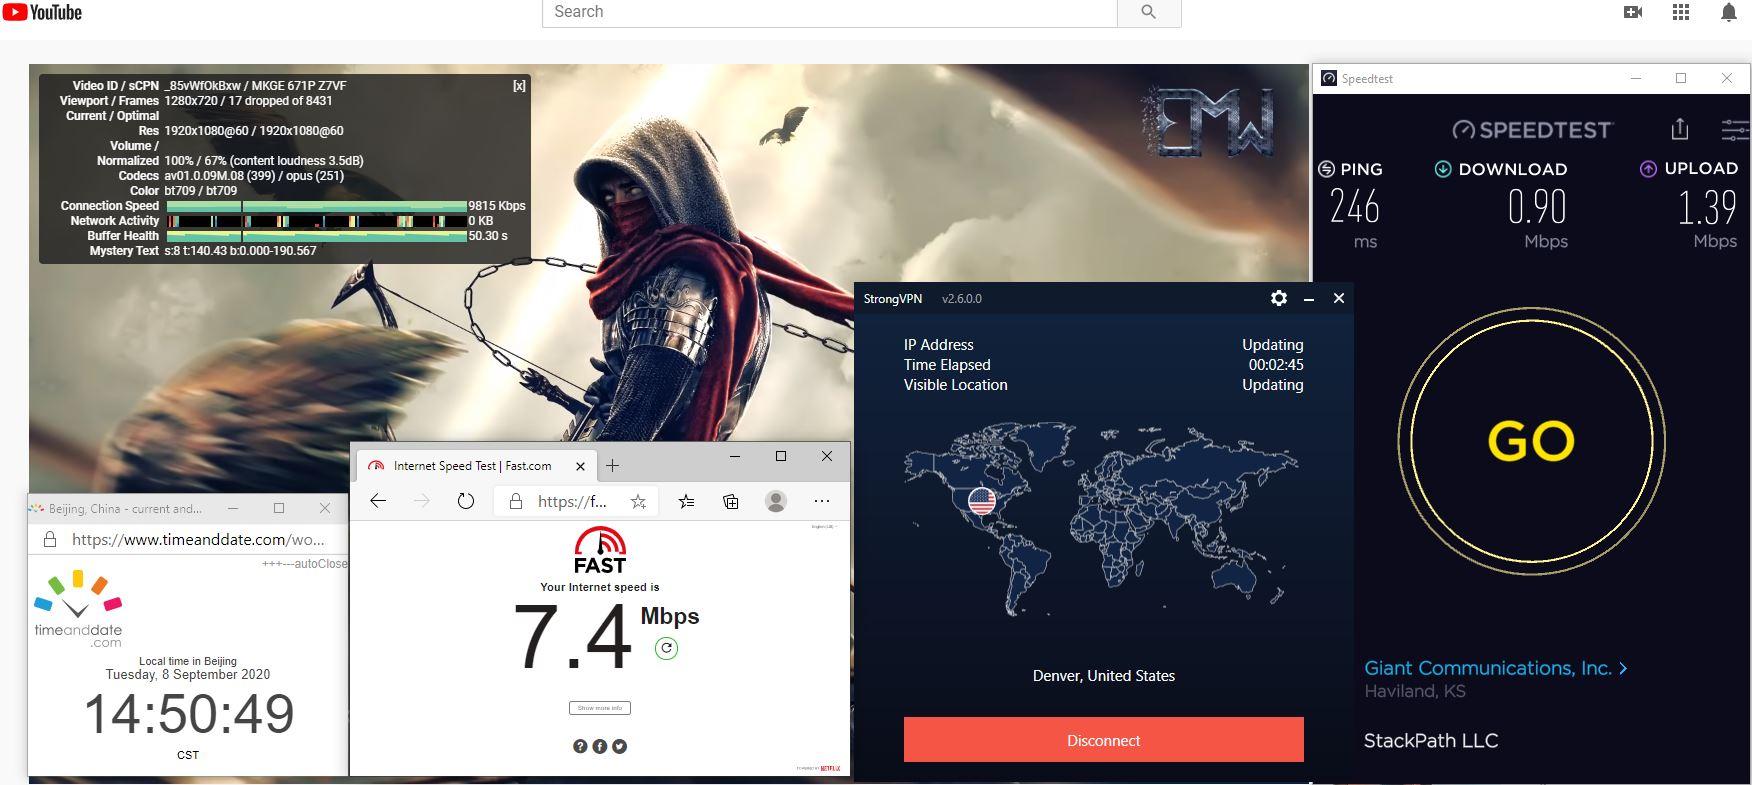 Windows10 StrongVPN USA - Denver 中国VPN 翻墙 科学上网 翻墙速度测试 - 20200908